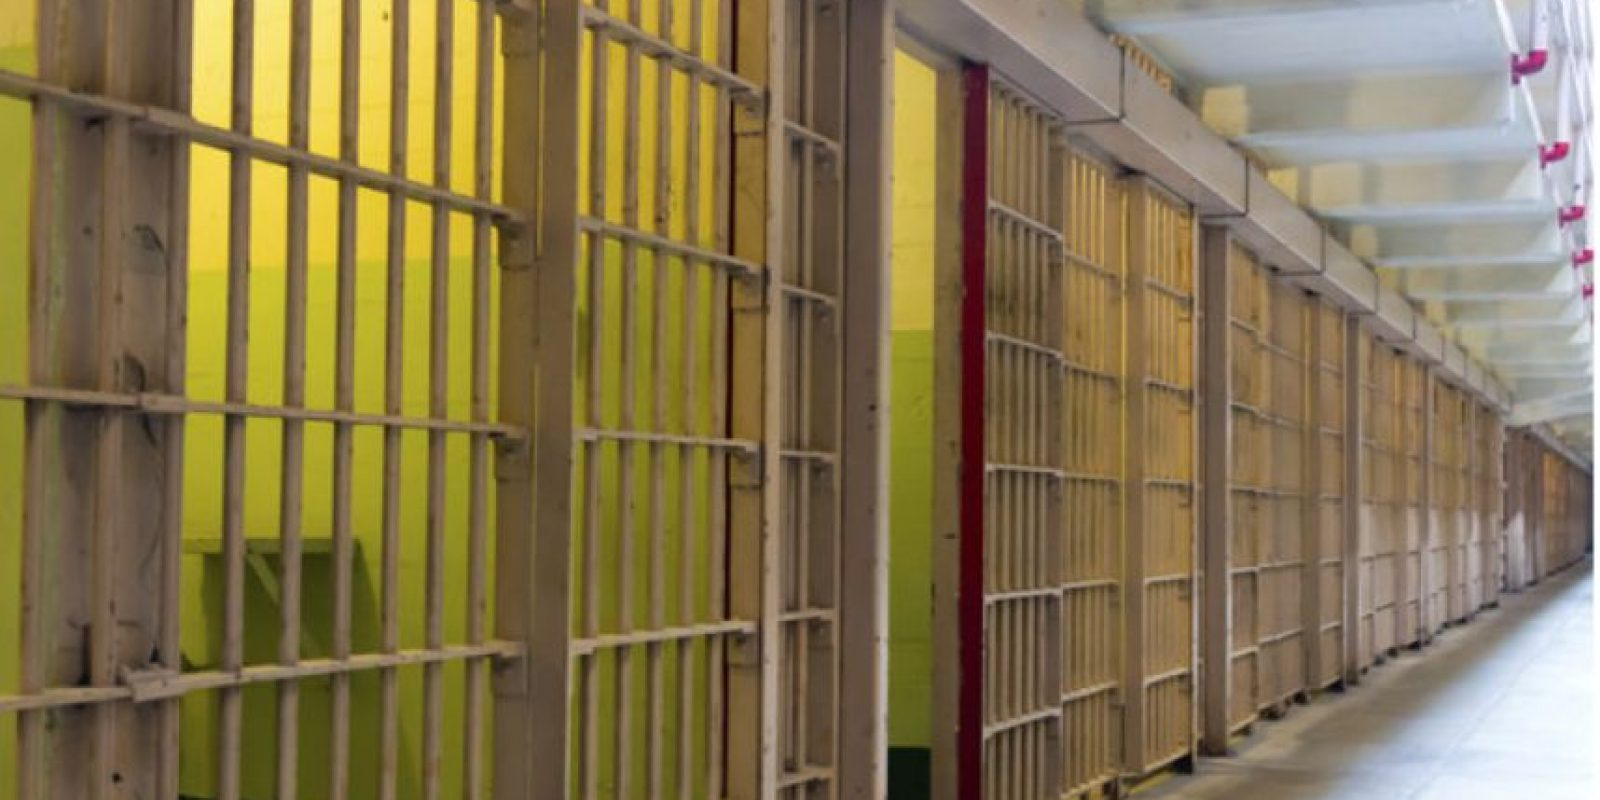 Los dos fueron encarcelados en la prisión de Full Sutton, Yorkshire. Allá se casaron, paradójicamente. Los familiares de las víctimas piensan que solo es para que los liberen antes. Foto:Flickr